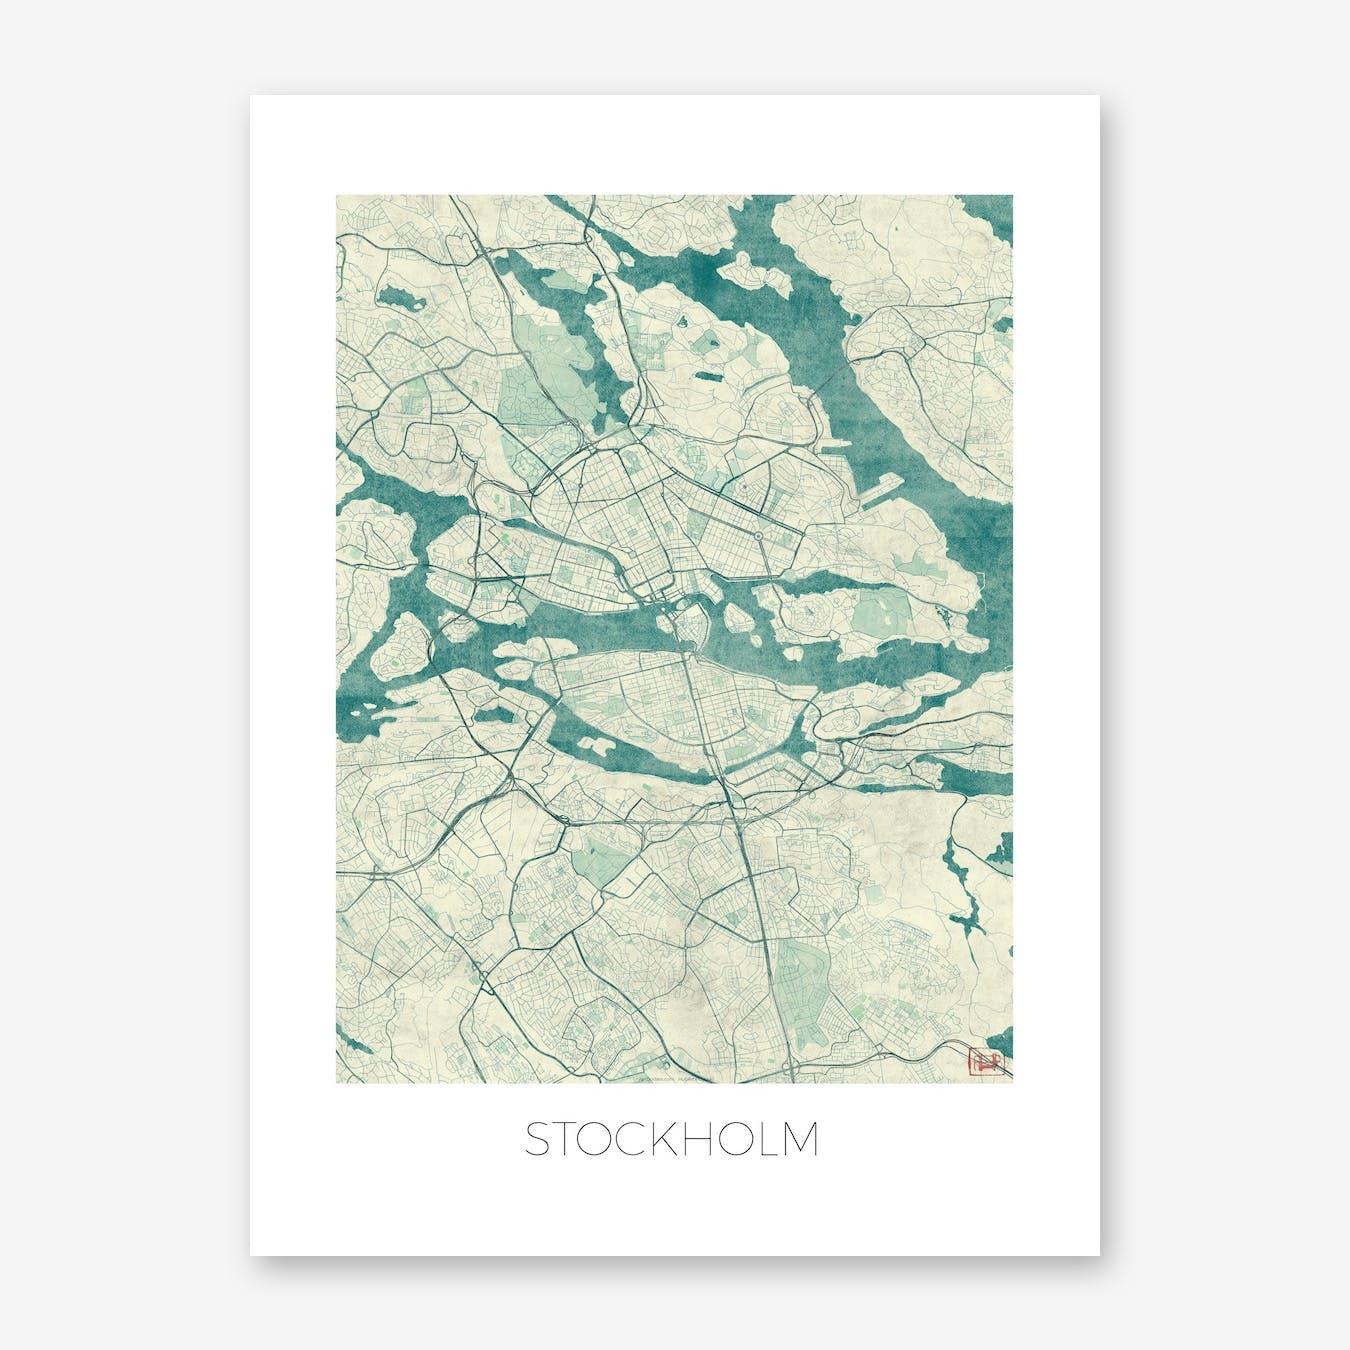 Stockholm Map Vintage in Blue